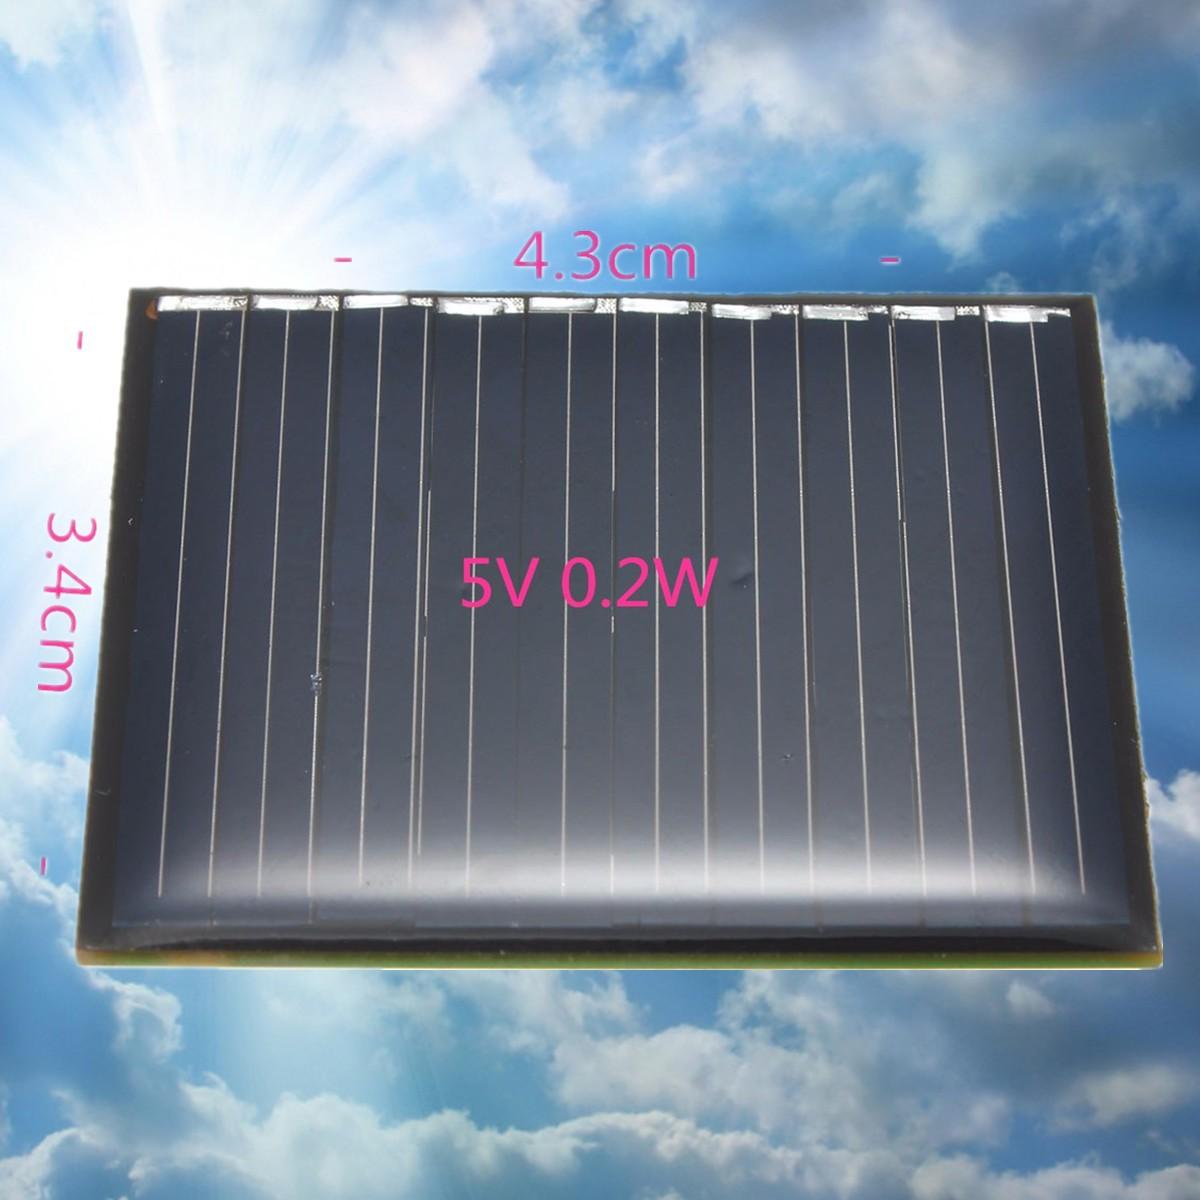 Pannelli solari fotovoltaici monocristallino o policristallino 76